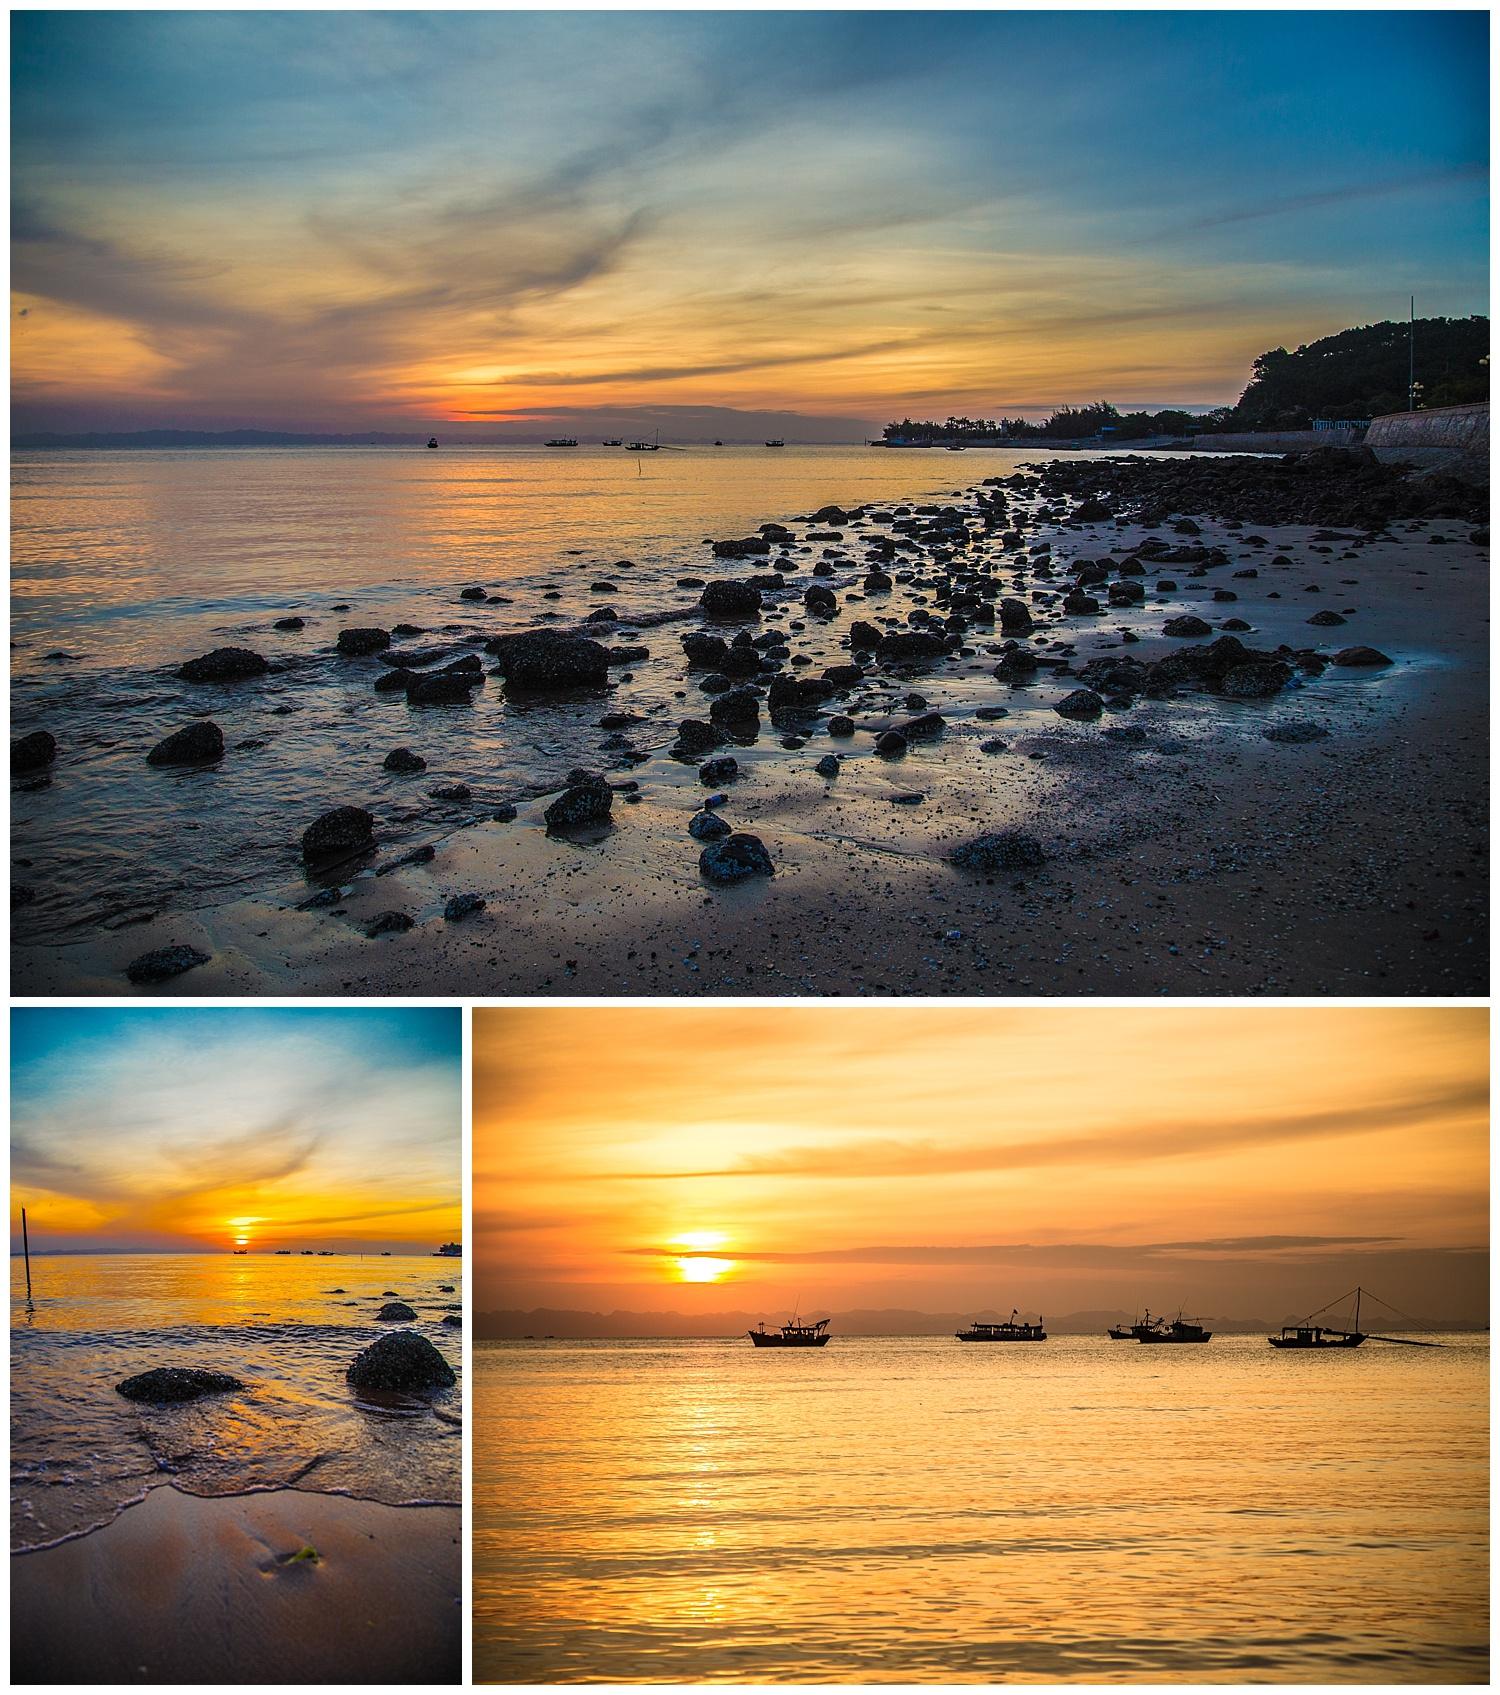 Do San Beach, Vietnam